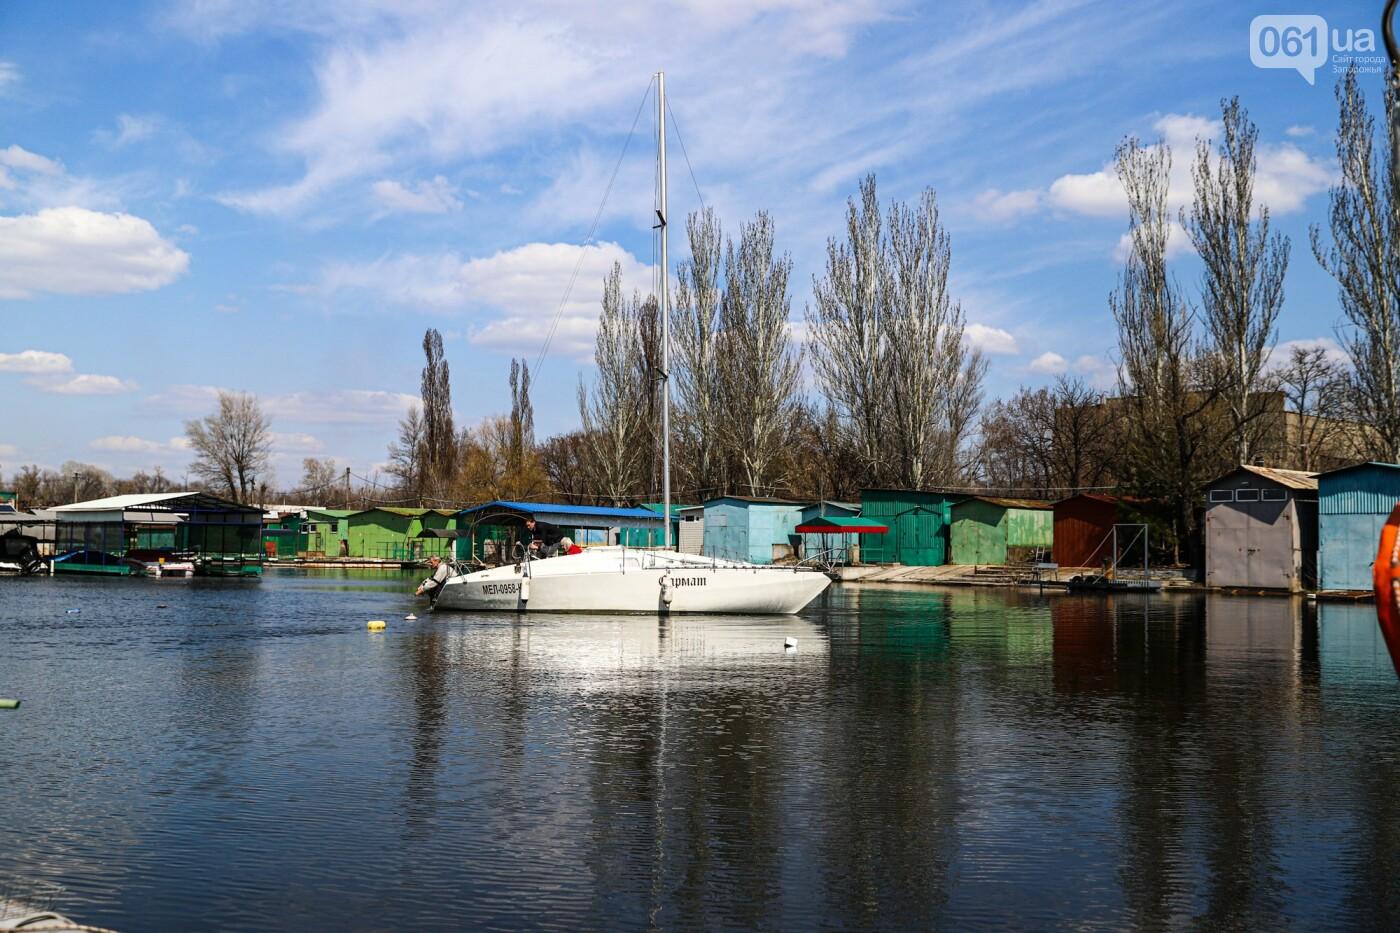 «Семь футов под килем!»: как в запорожском яхт-клубе спускали судна на воду, - ФОТОРЕПОРТАЖ , фото-59